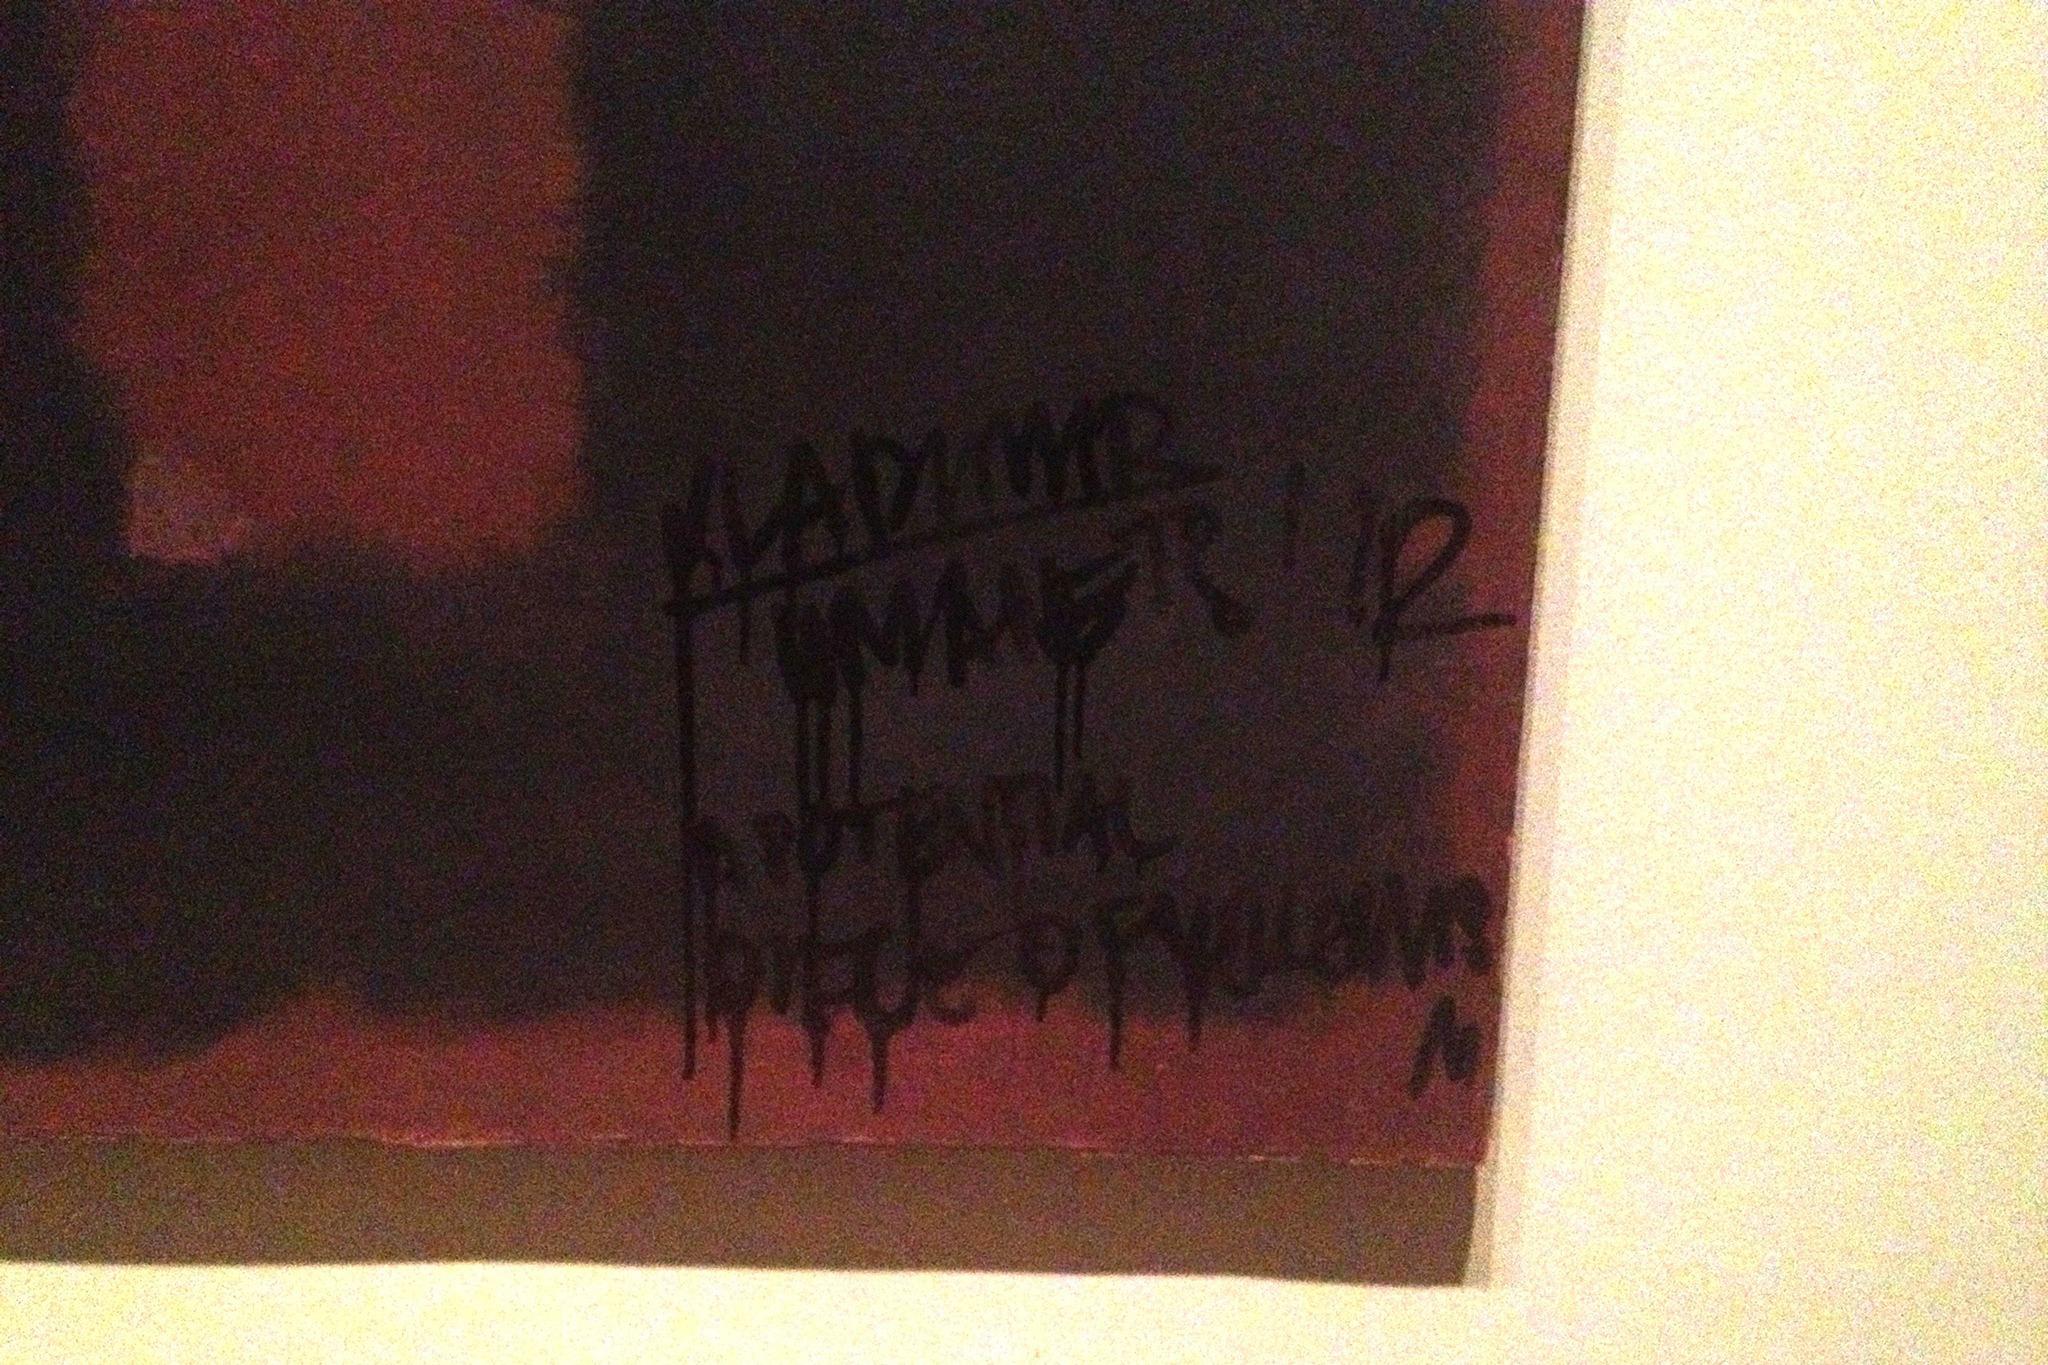 El vandalismo en el cuadro de Rothko. Fotografía: The Guardian